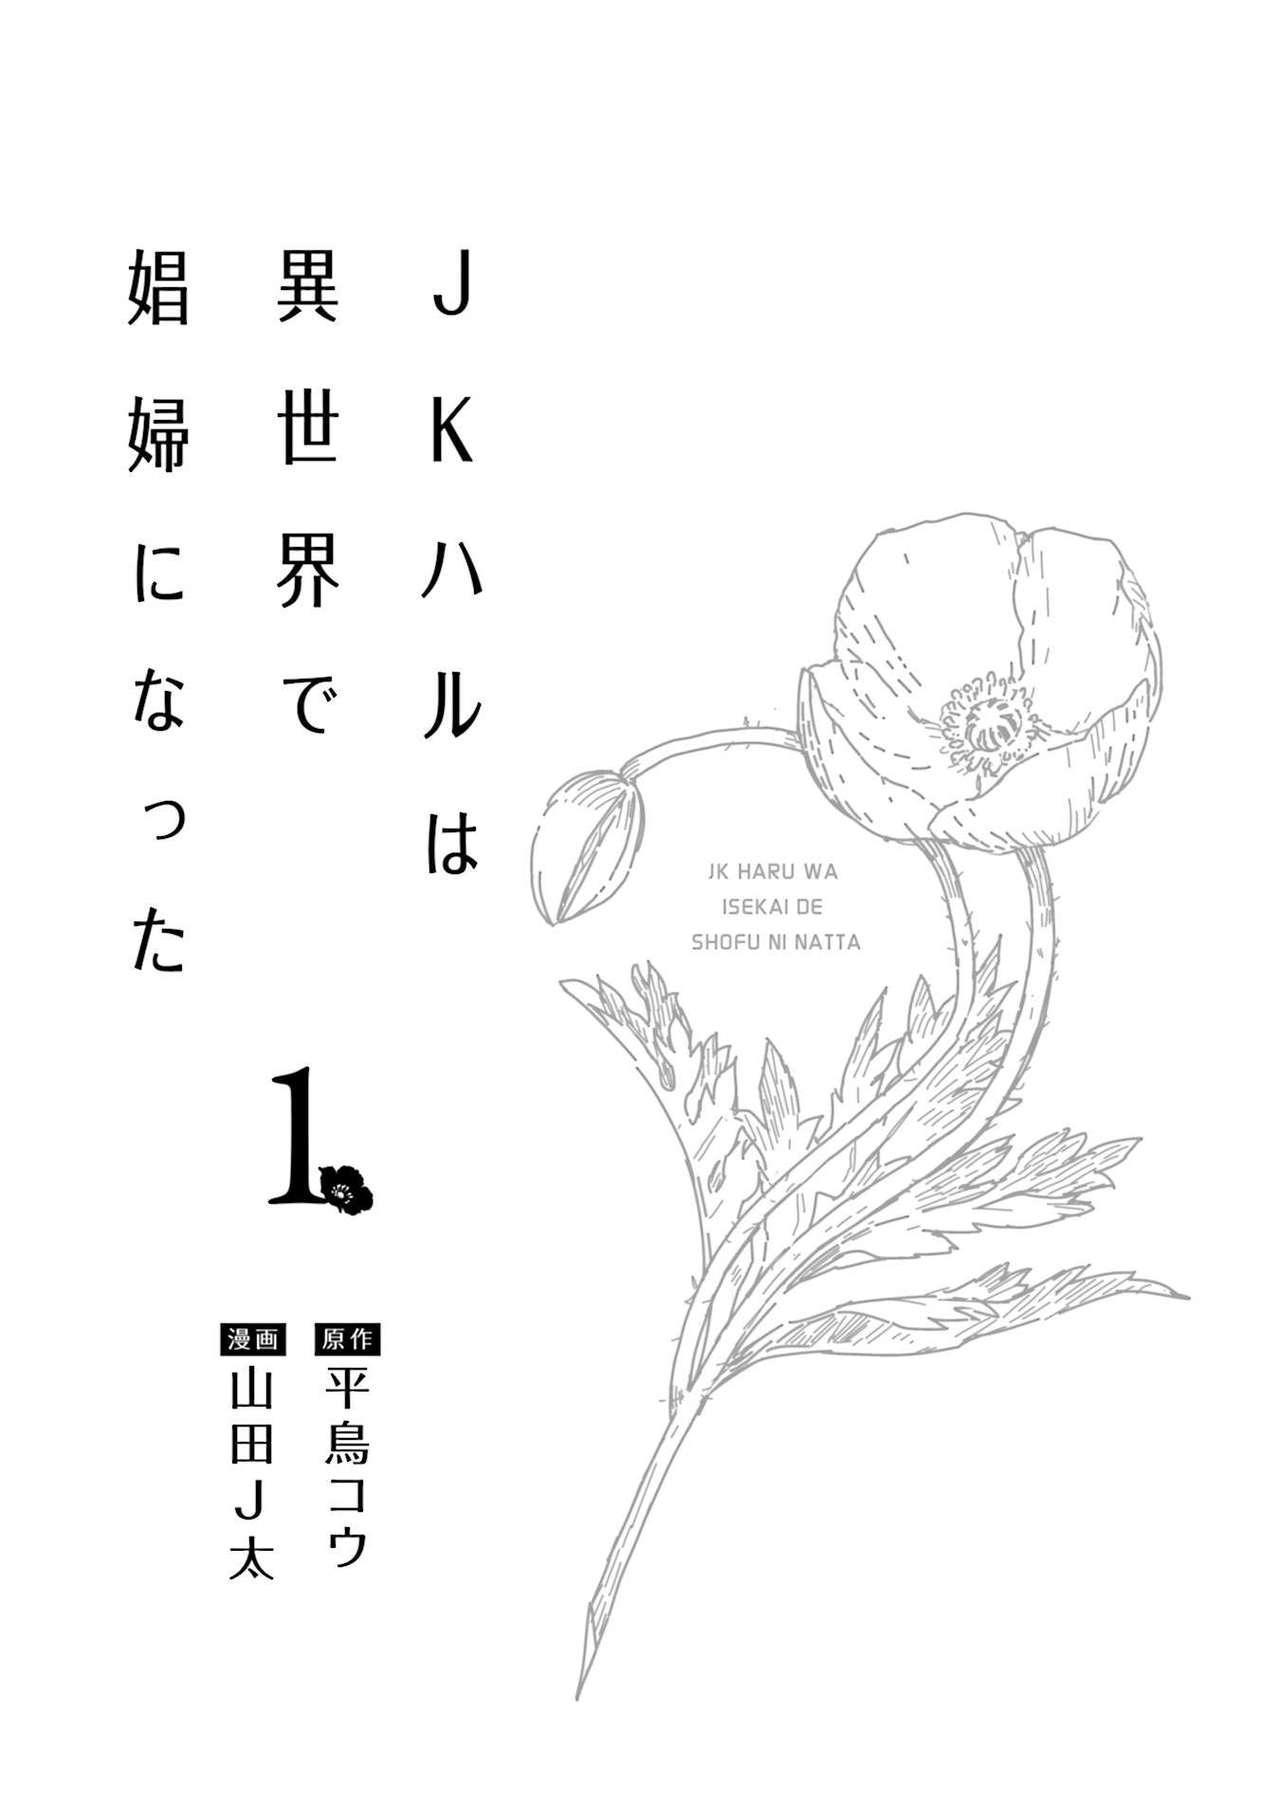 JK Haru wa Isekai de Shoufu ni Natta 1-14 2